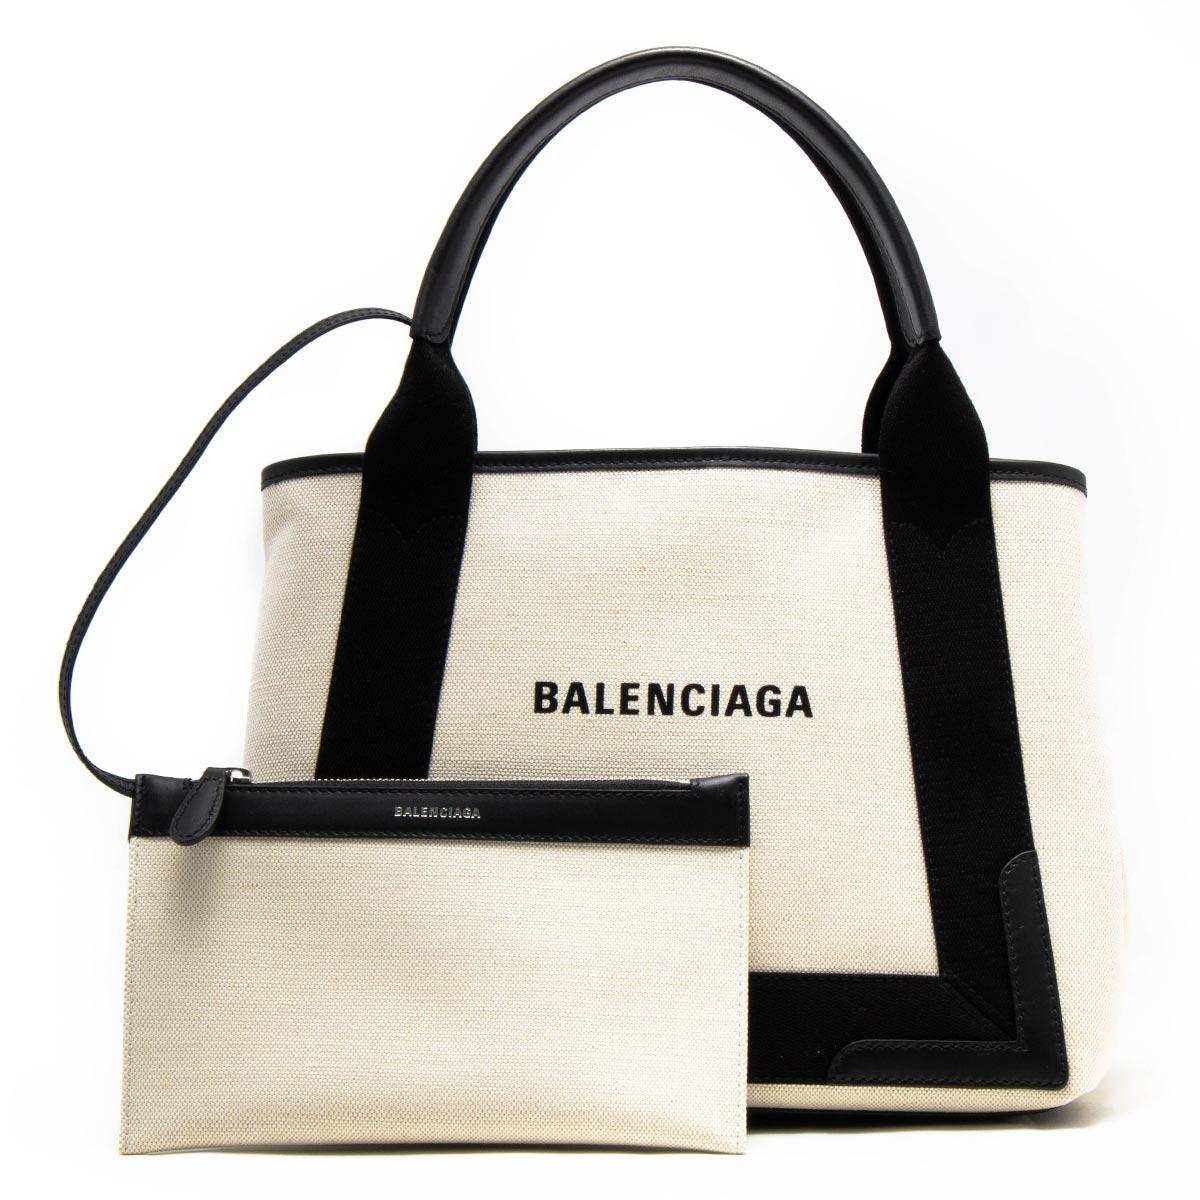 バレンシアガ トートバッグ バッグ レディース ネイビーカバス S ナチュラル&ブラック 339933 AQ38N 1081 BALENCIAGA